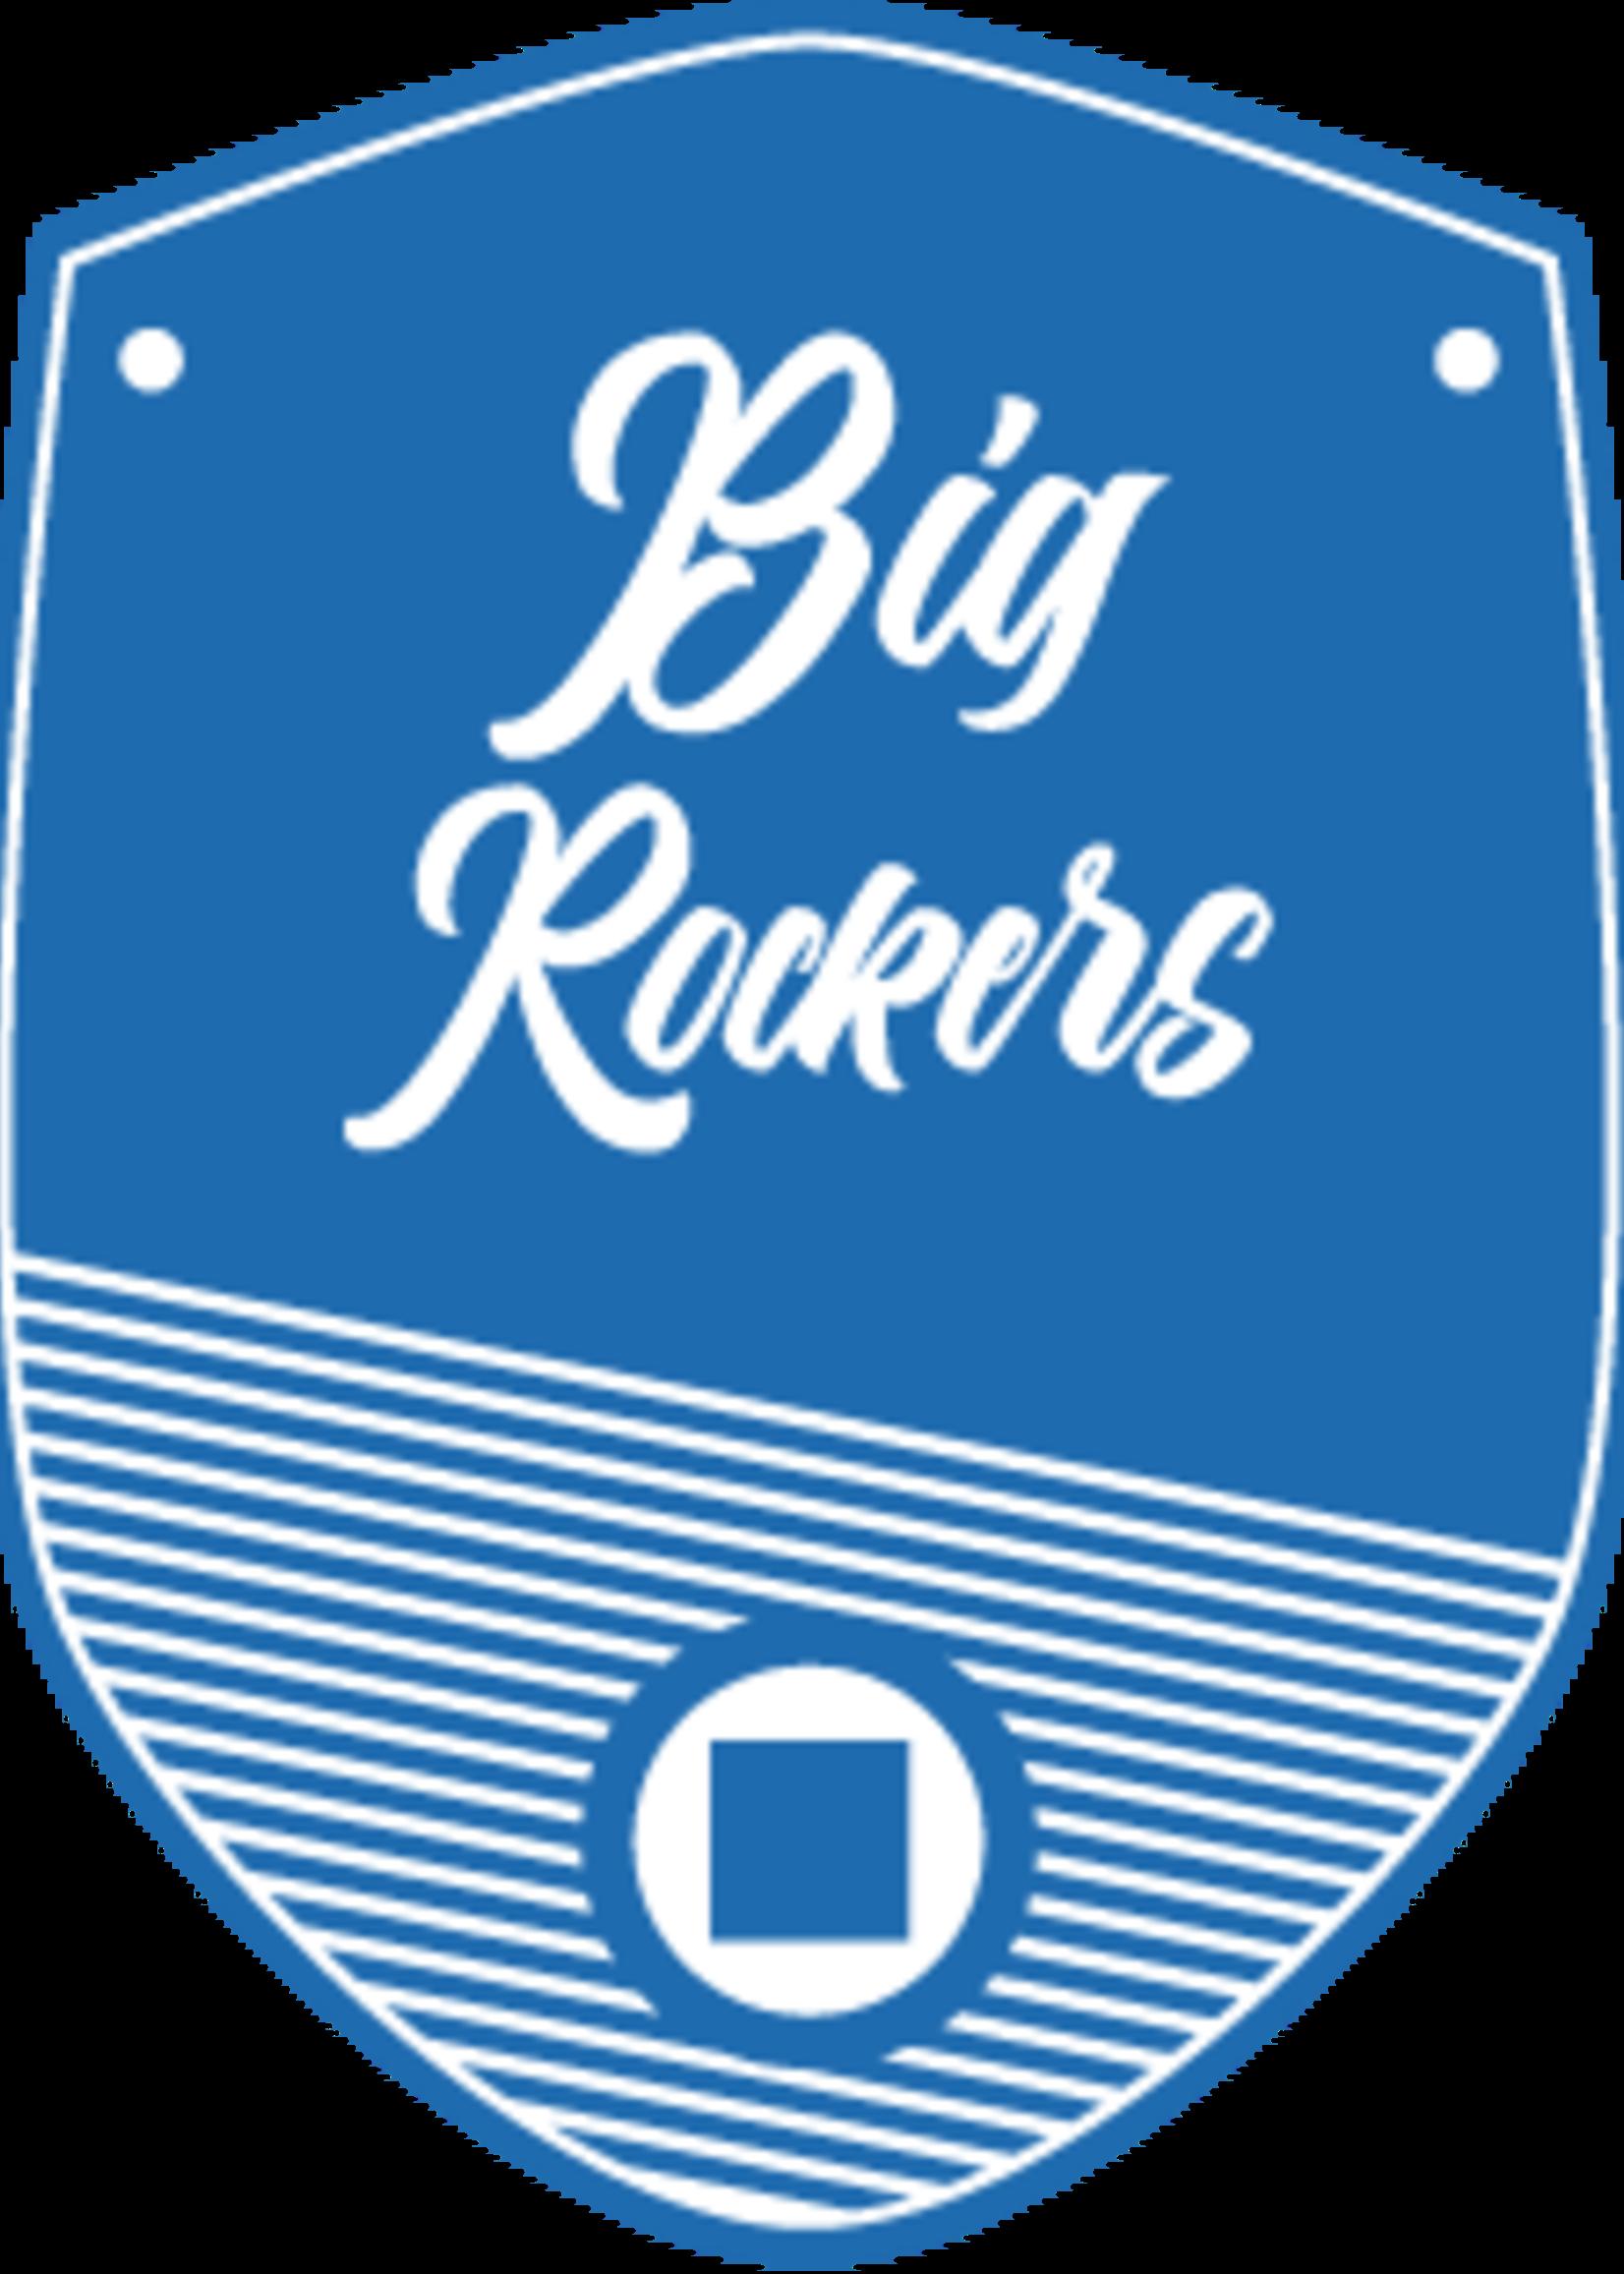 Big Rockers Program (Includes Lift)